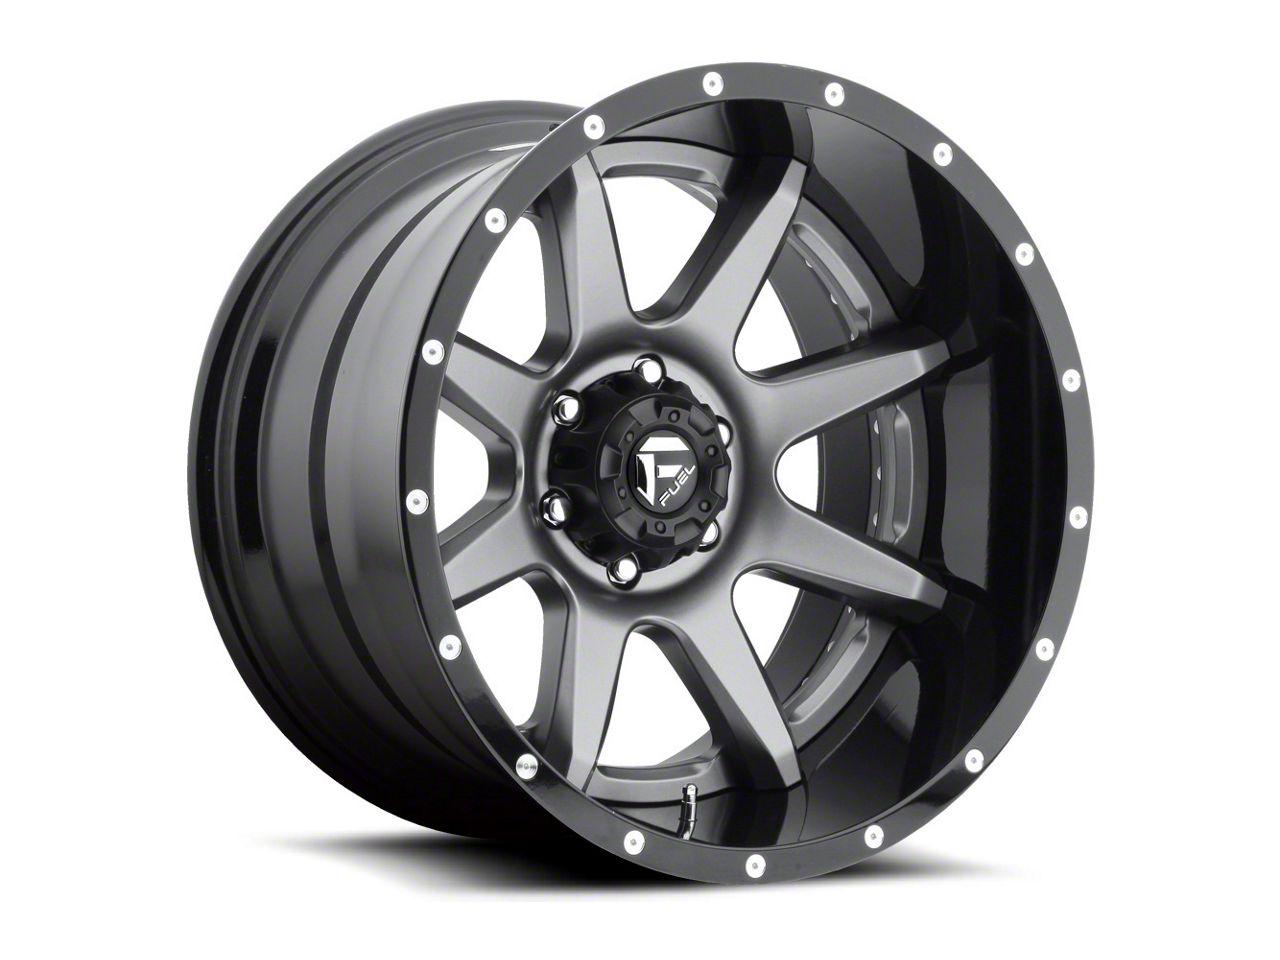 Fuel Wheels Rampage Gun Metal 6-Lug Wheel - 22x14 (07-18 Sierra 1500)